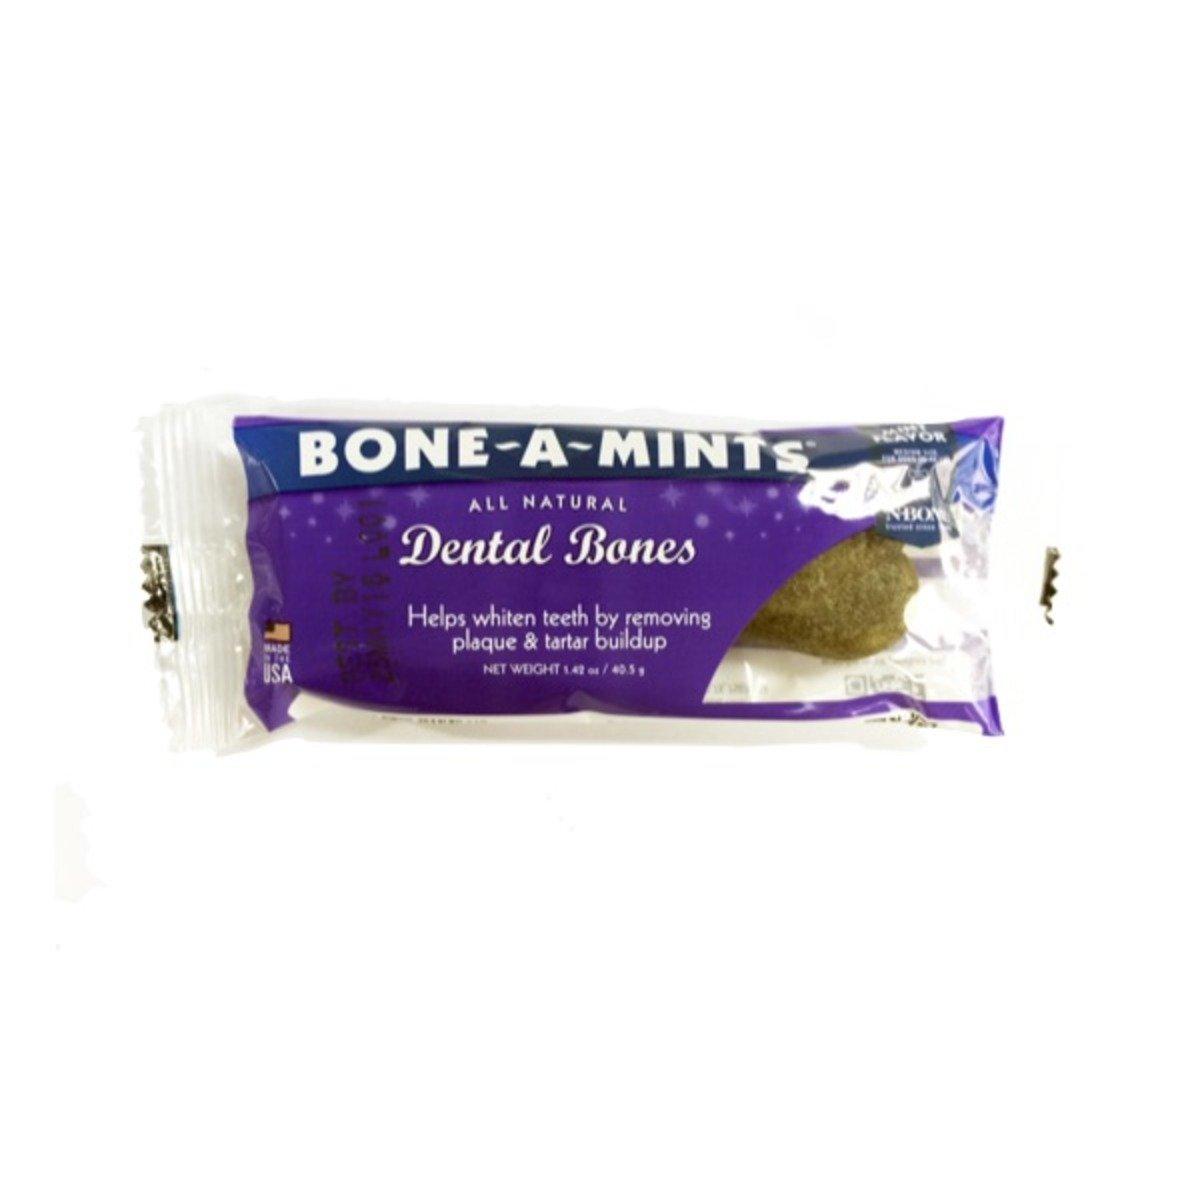 美國 BONE-A-MINTS 薄荷味潔齒骨單支裝(中)1.42oz